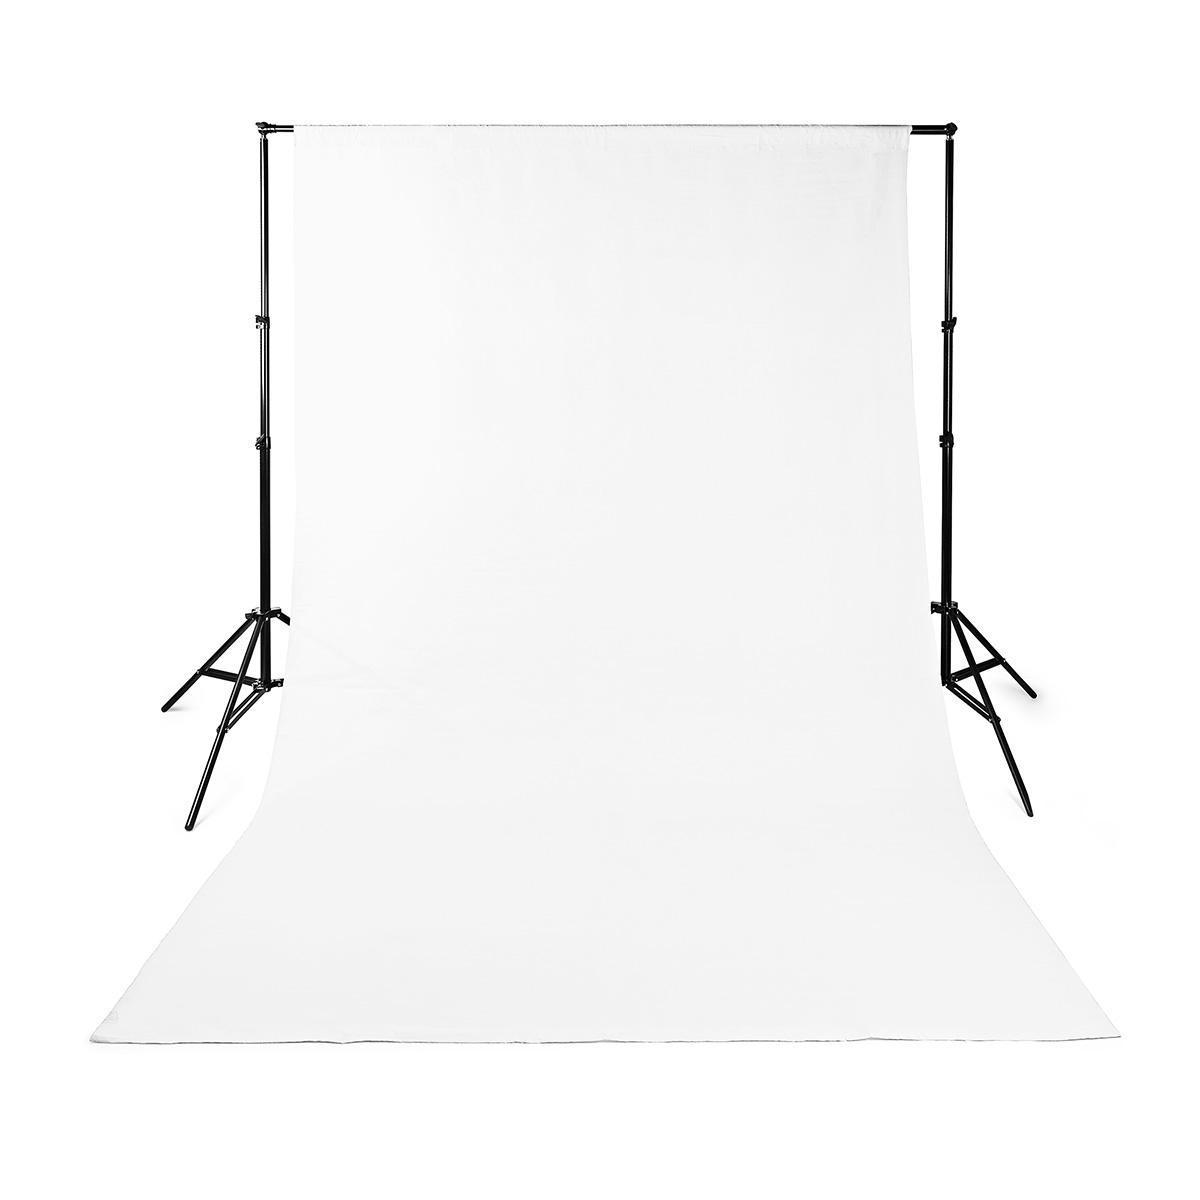 Achtergronddoek voor Fotostudio | 2,95 x 2,95 m | Wit